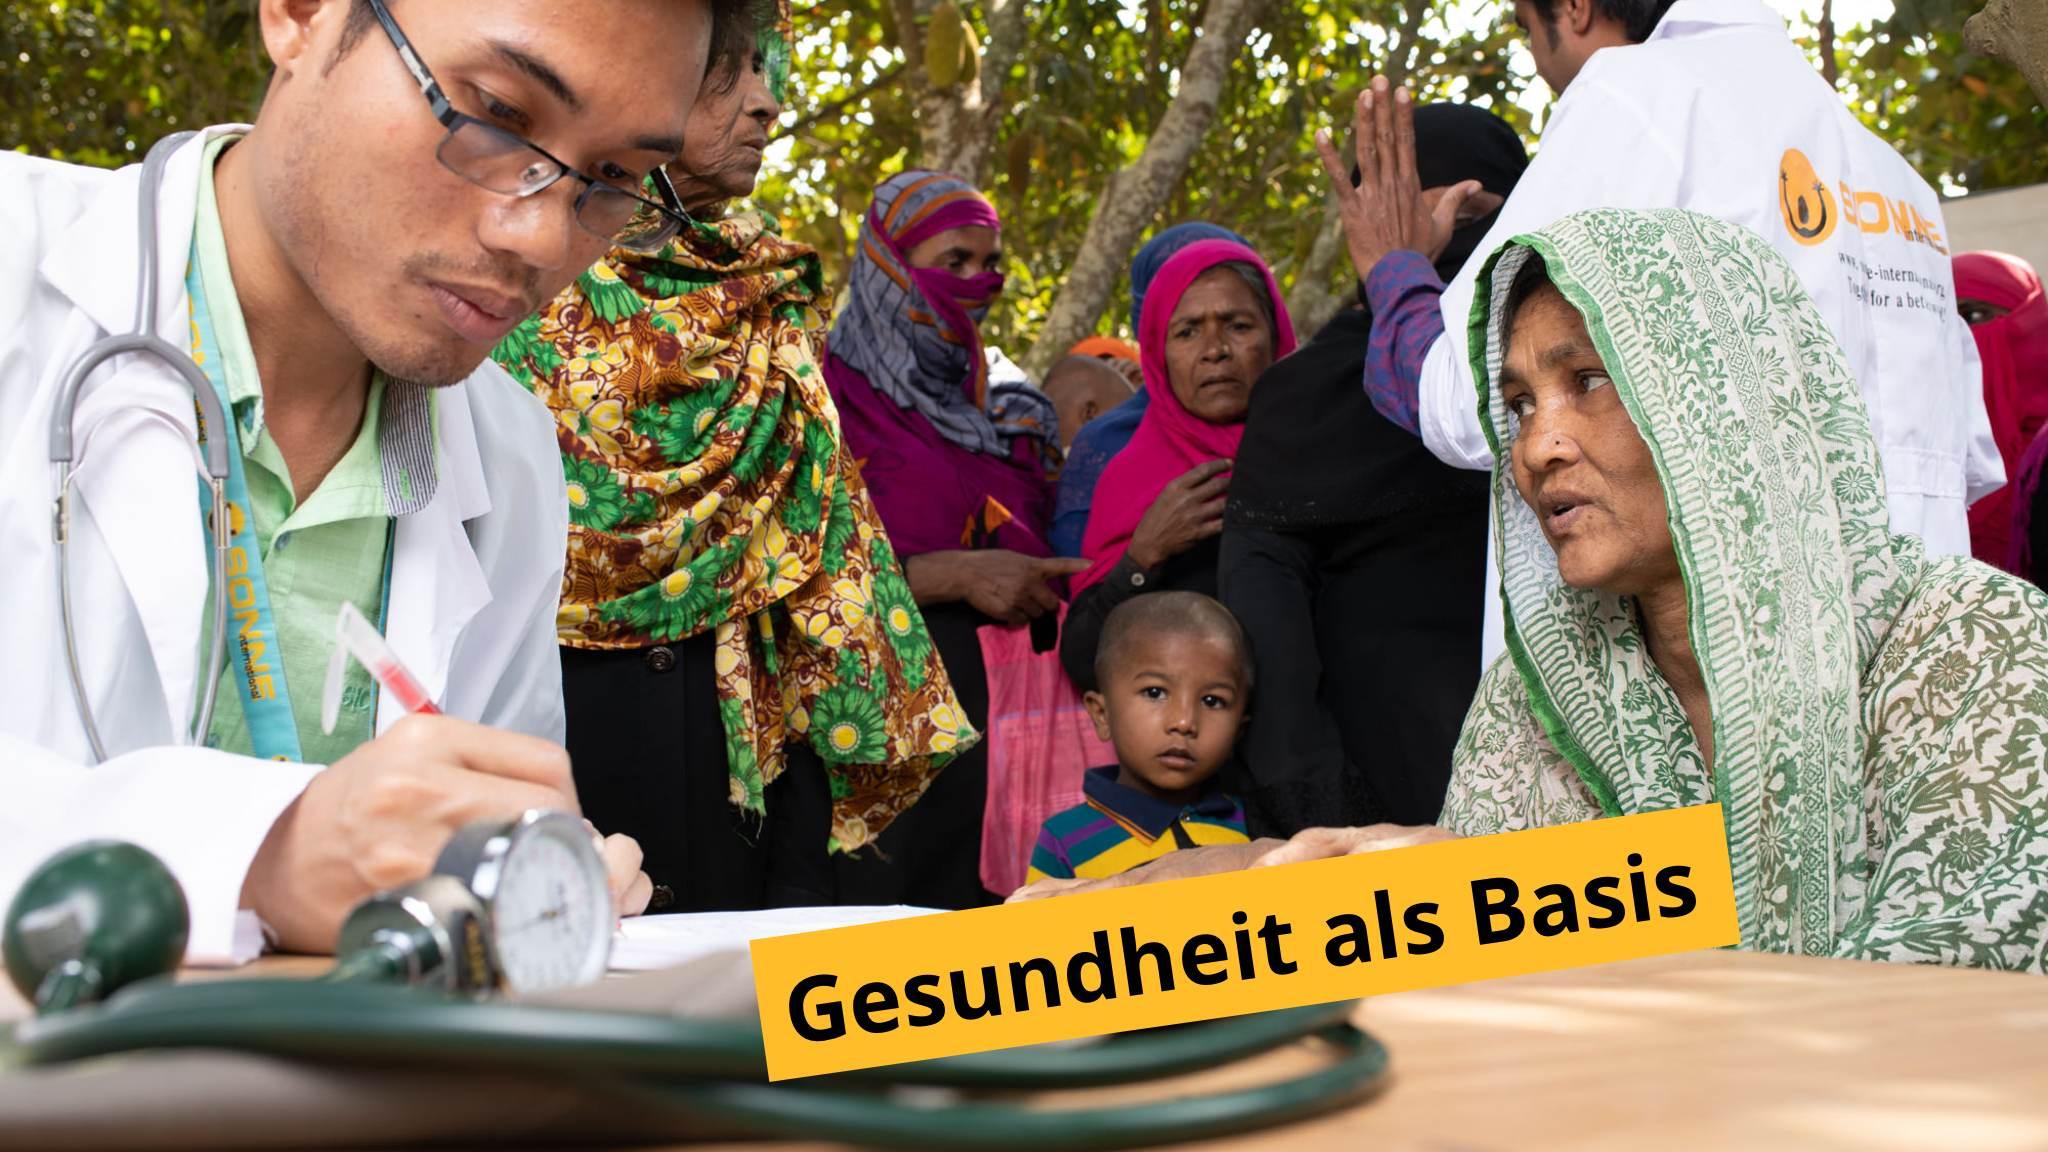 Gesundheit als Basis, SONNE-Gesundheitsprojekte gibt es in allen unseren Projektländern